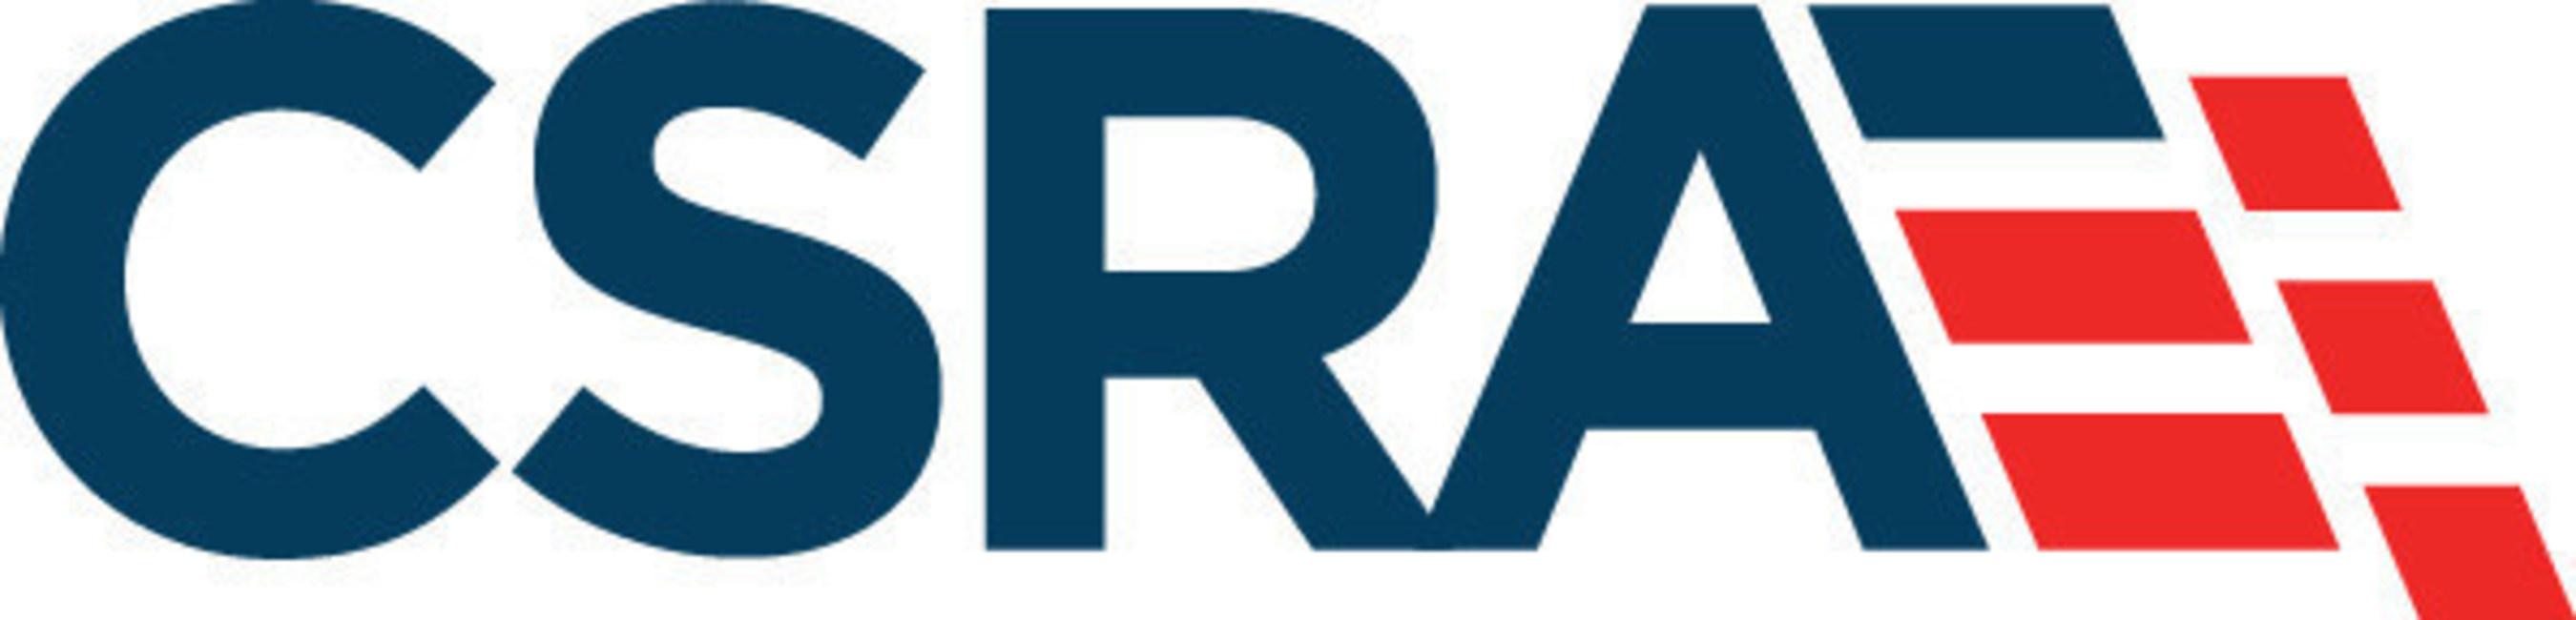 CSRA Inc. Logo